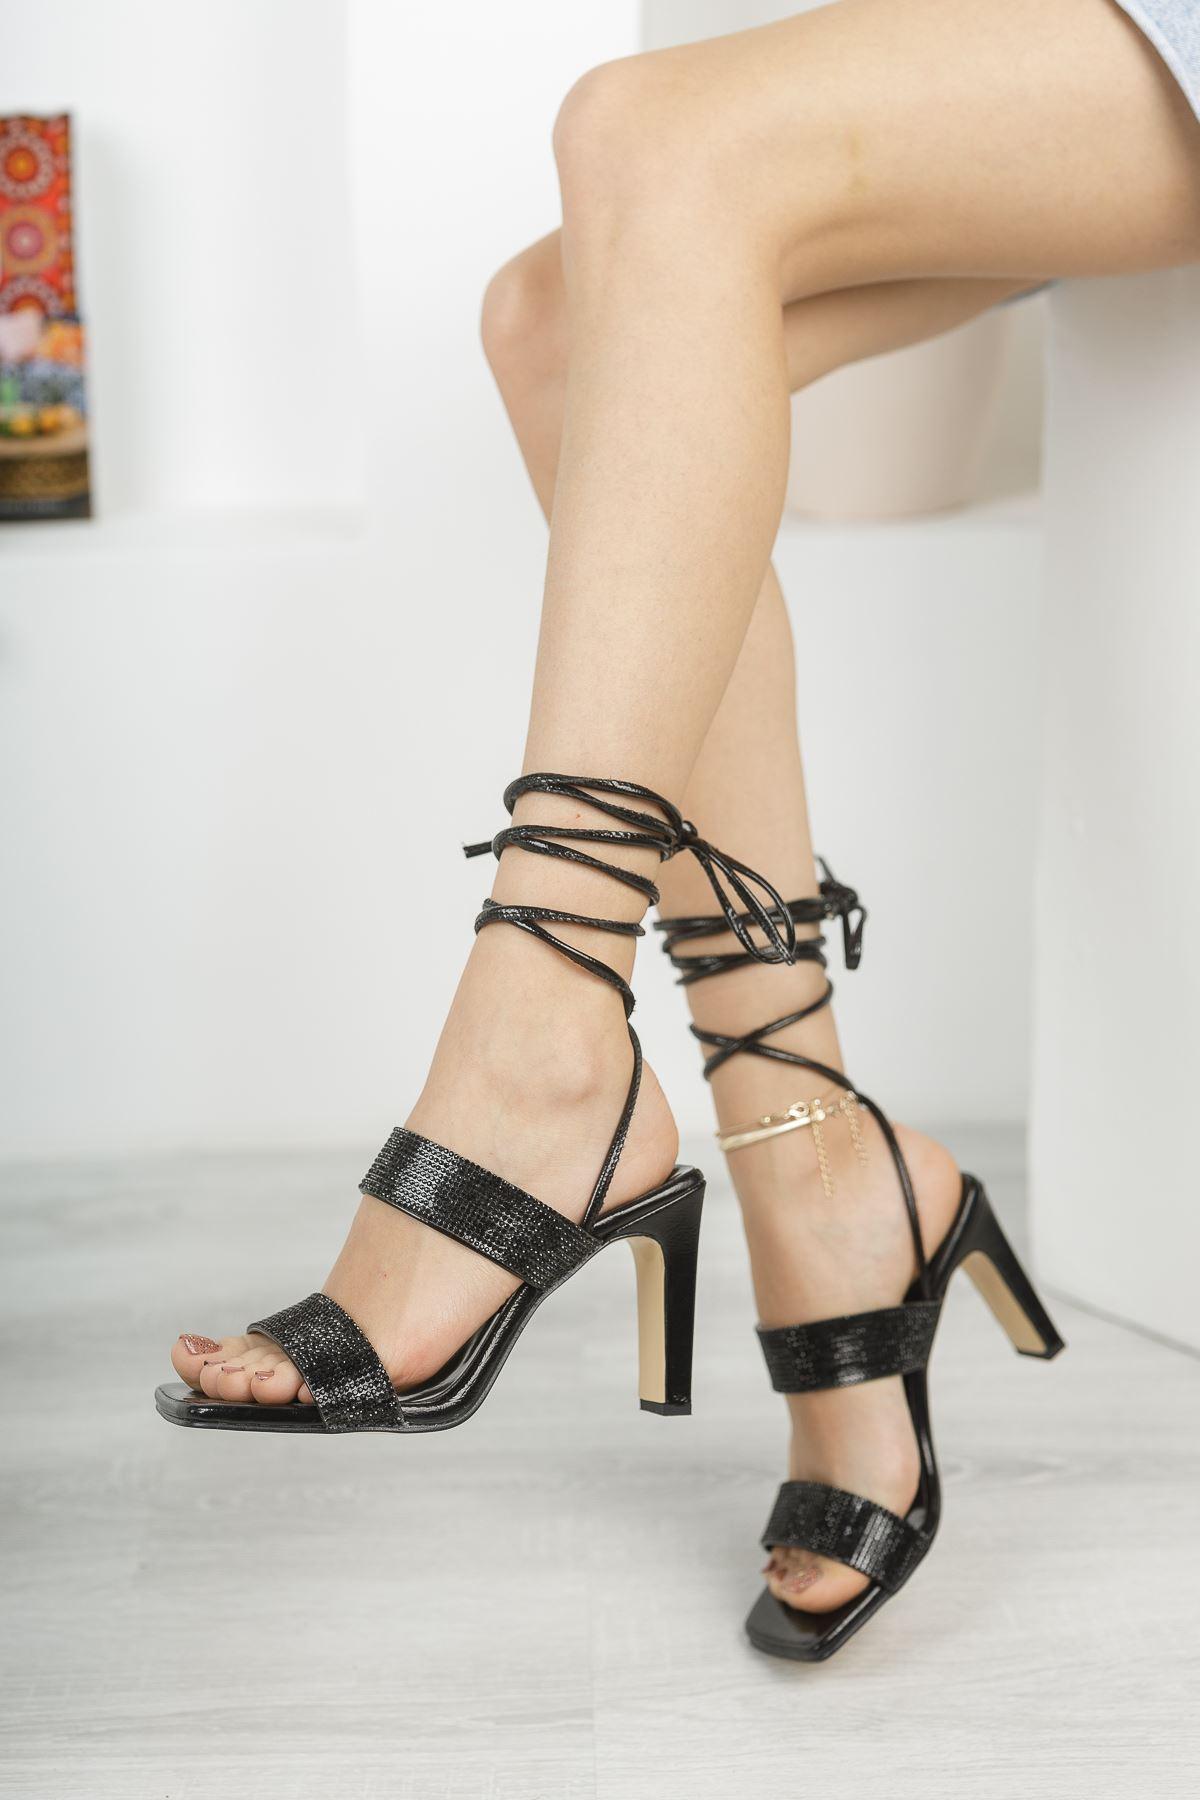 Kadın Jabel Mat Deri Bilekten Bağlama Detaylı Yüksek Topuklu Ayakkabı Siyah